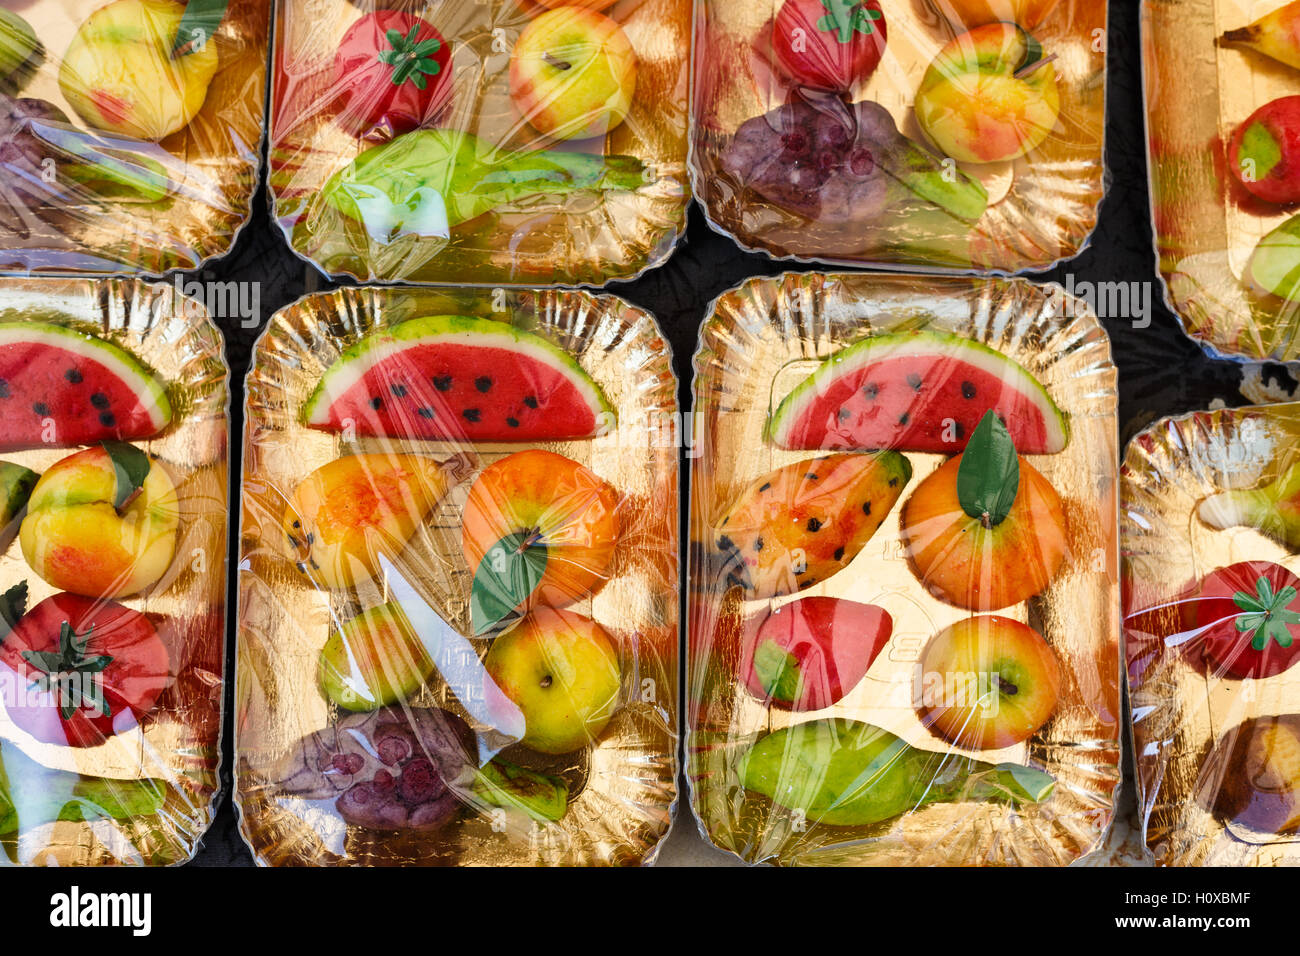 Frutta martorana, marzipan sweets from Sicily, Italy - Stock Image